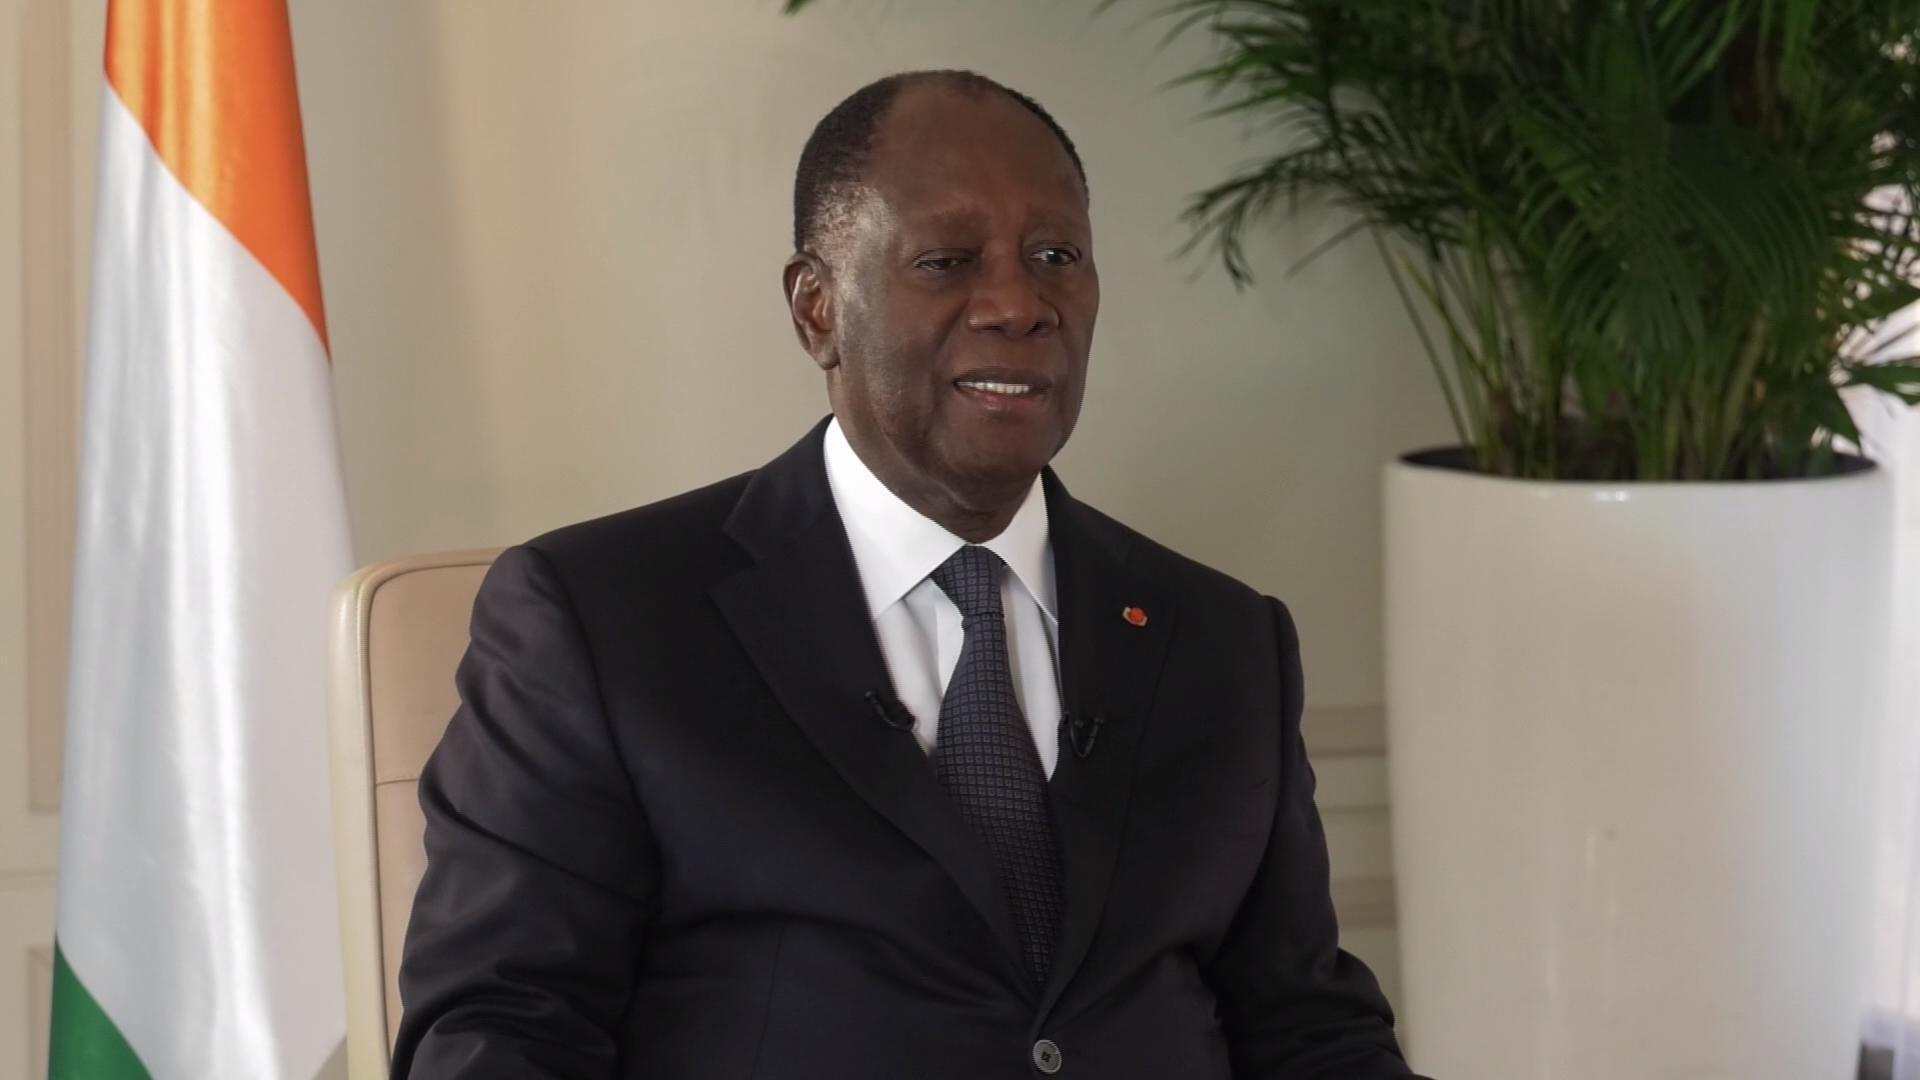 La candidature du président Alassane Ouattara à un troisième mandat a été validée par le Conseil constitutionnel.